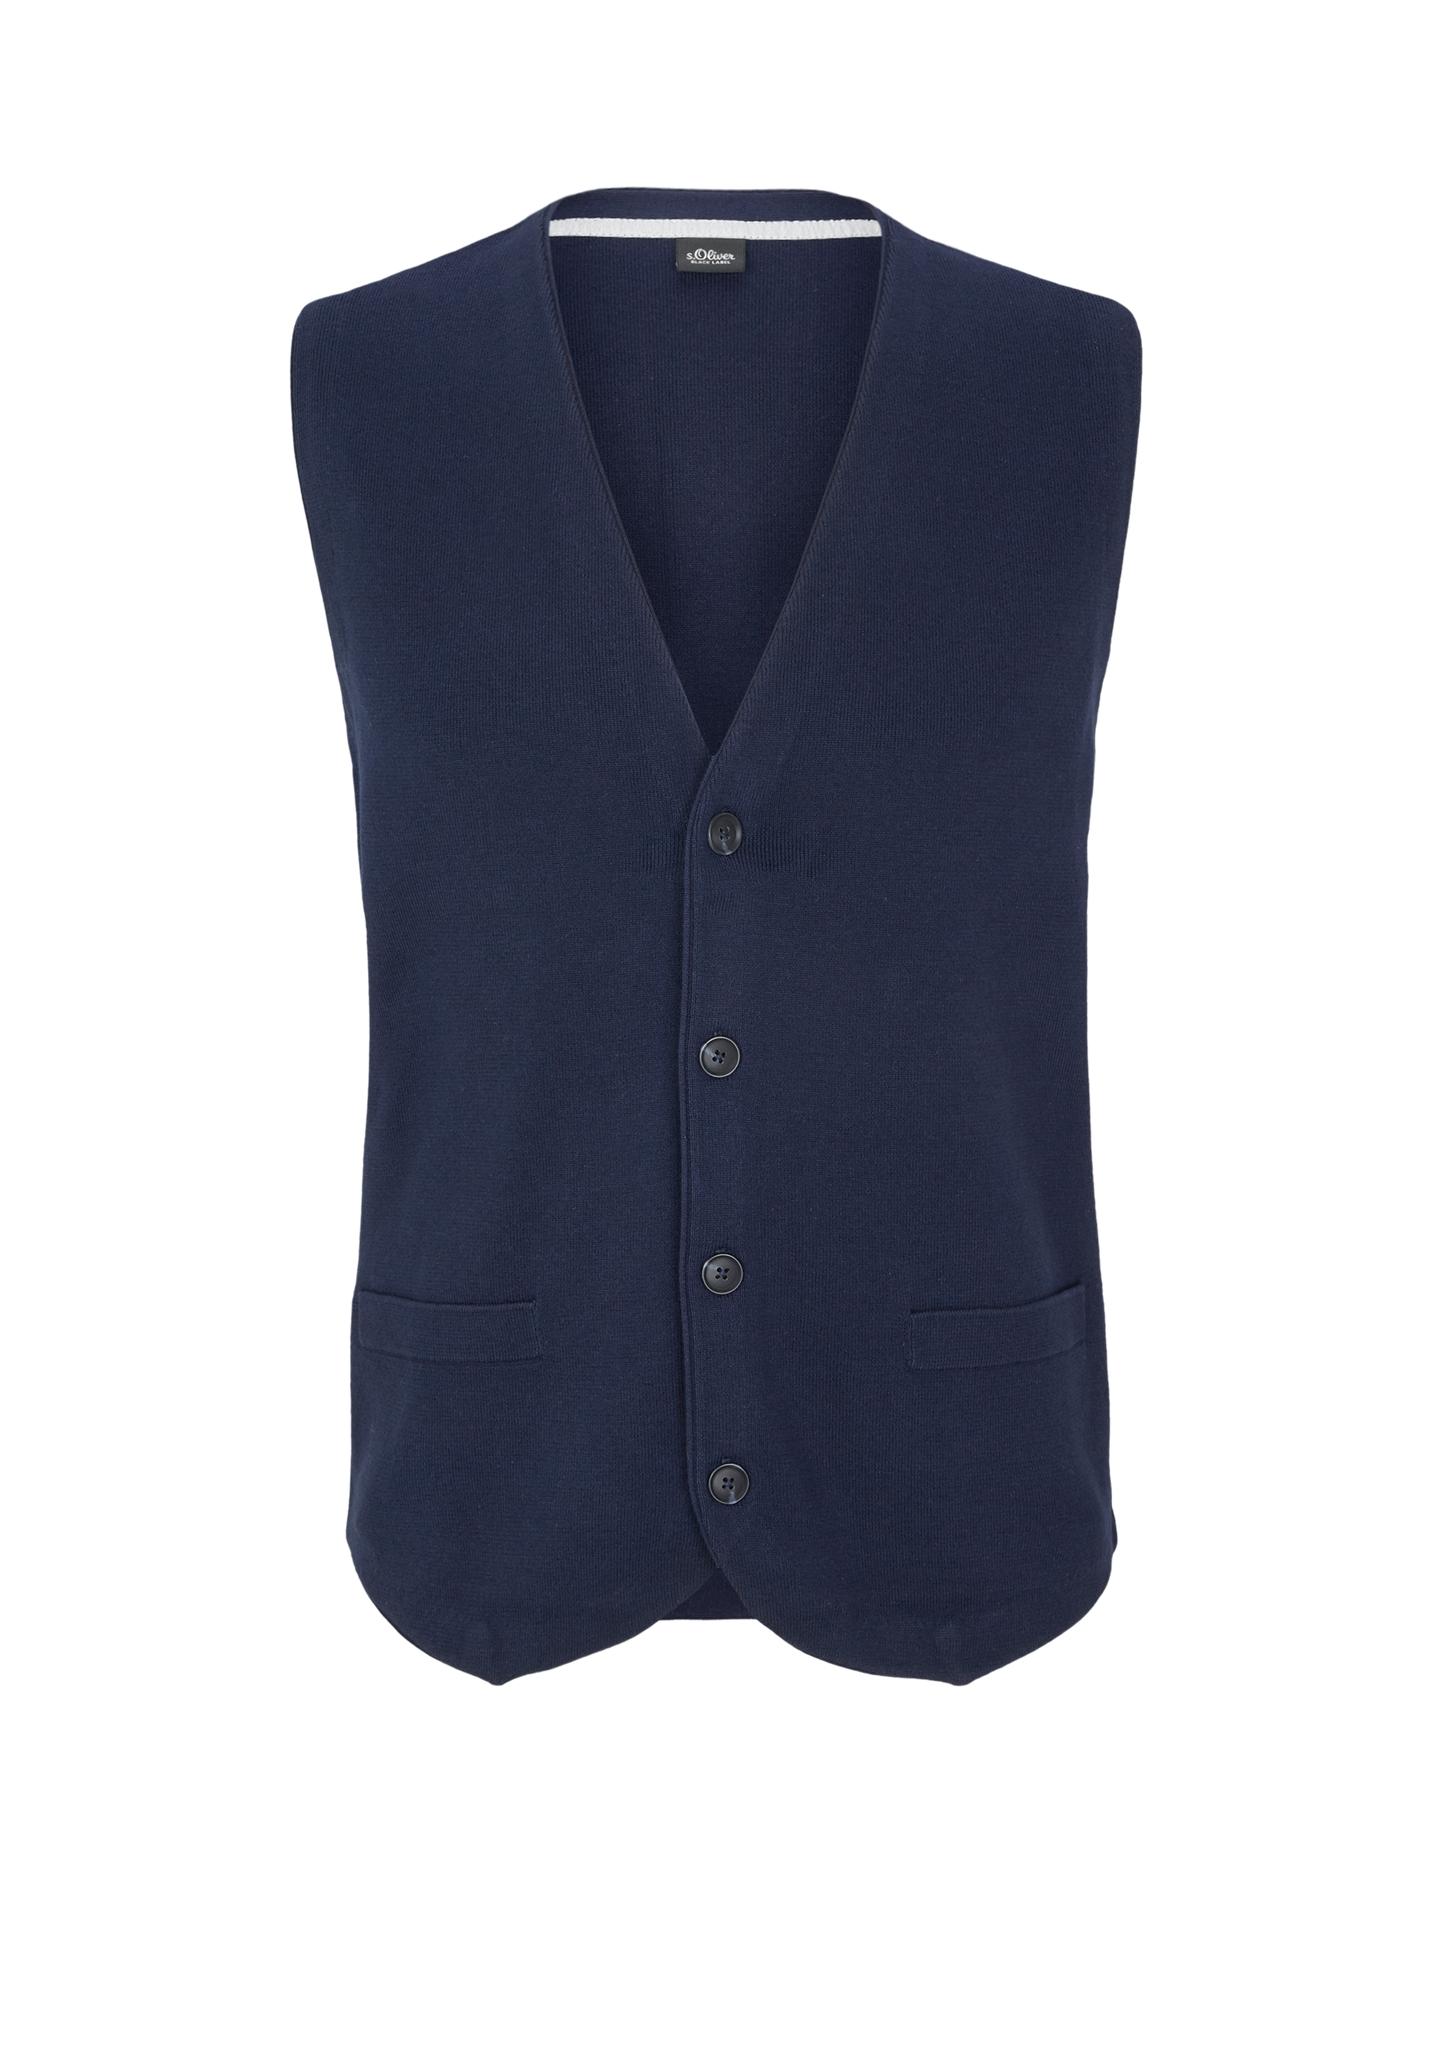 Strickweste | Bekleidung > Westen > Strickwesten | Blau | 100% baumwolle | s.Oliver BLACK LABEL